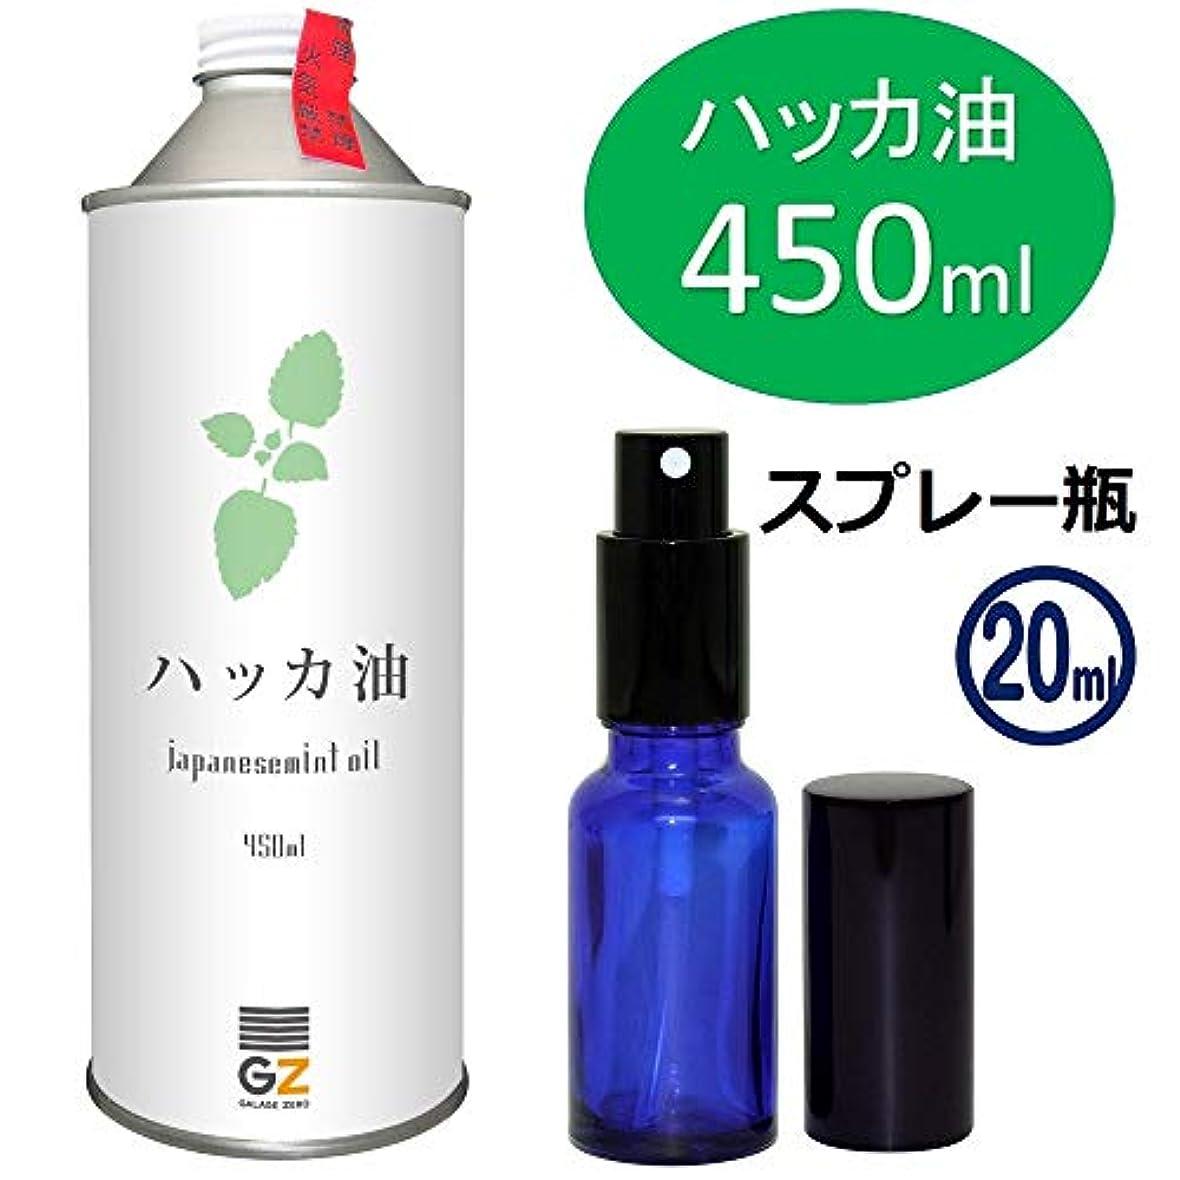 異なるグラフ精巧なガレージ?ゼロ ハッカ油 450ml(GZAK13)+ガラス瓶 スプレーボトル20ml/和種薄荷/ジャパニーズミント GSE534